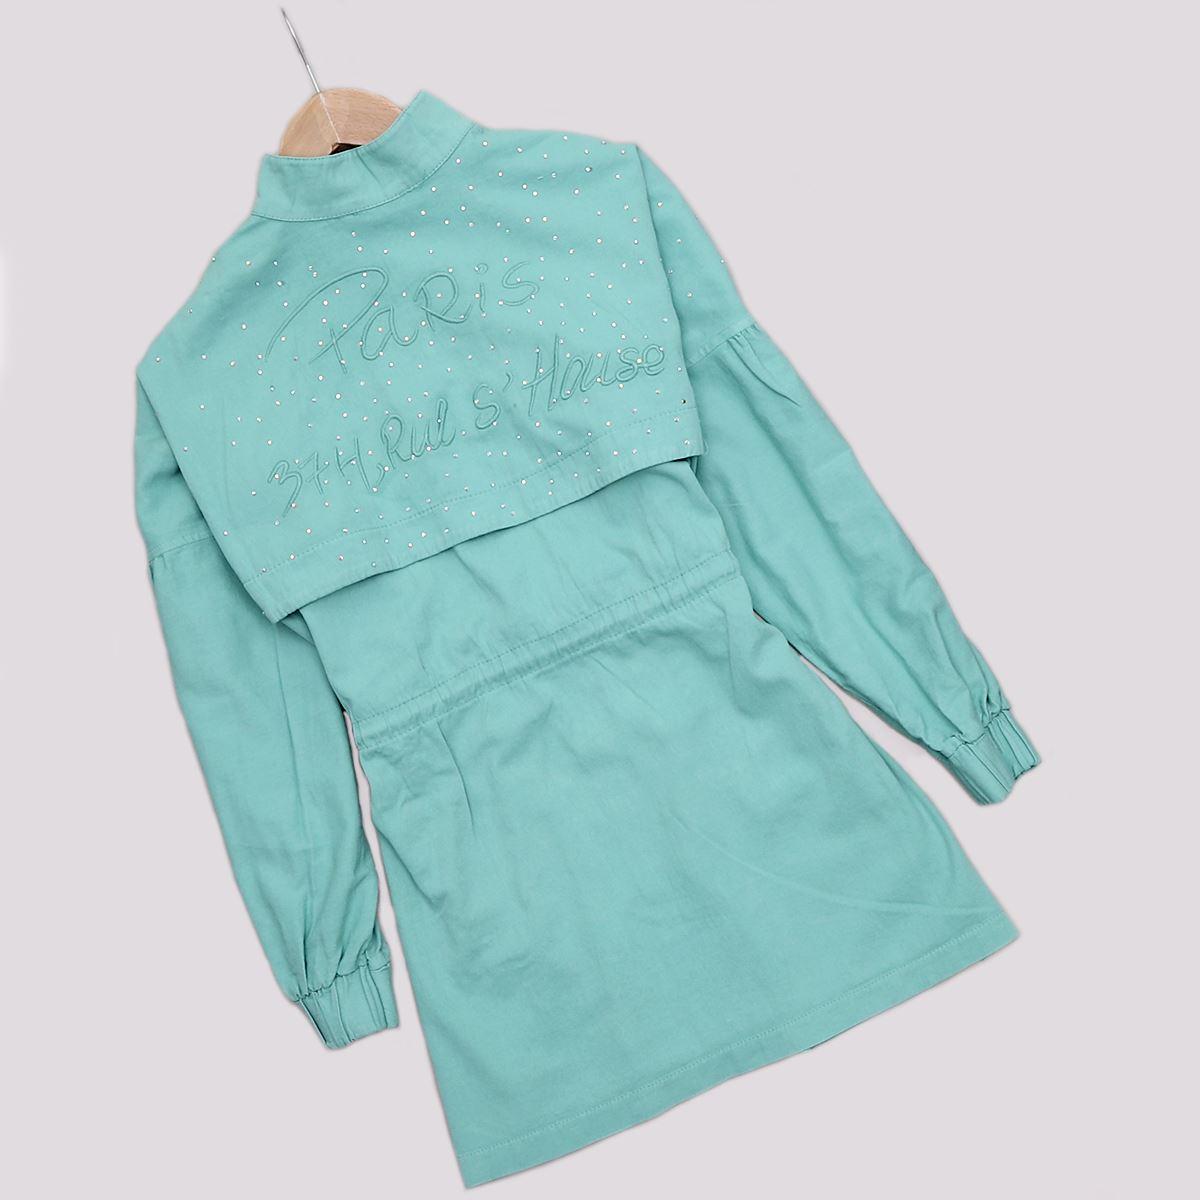 Mint Taşlı Ceket CKT206